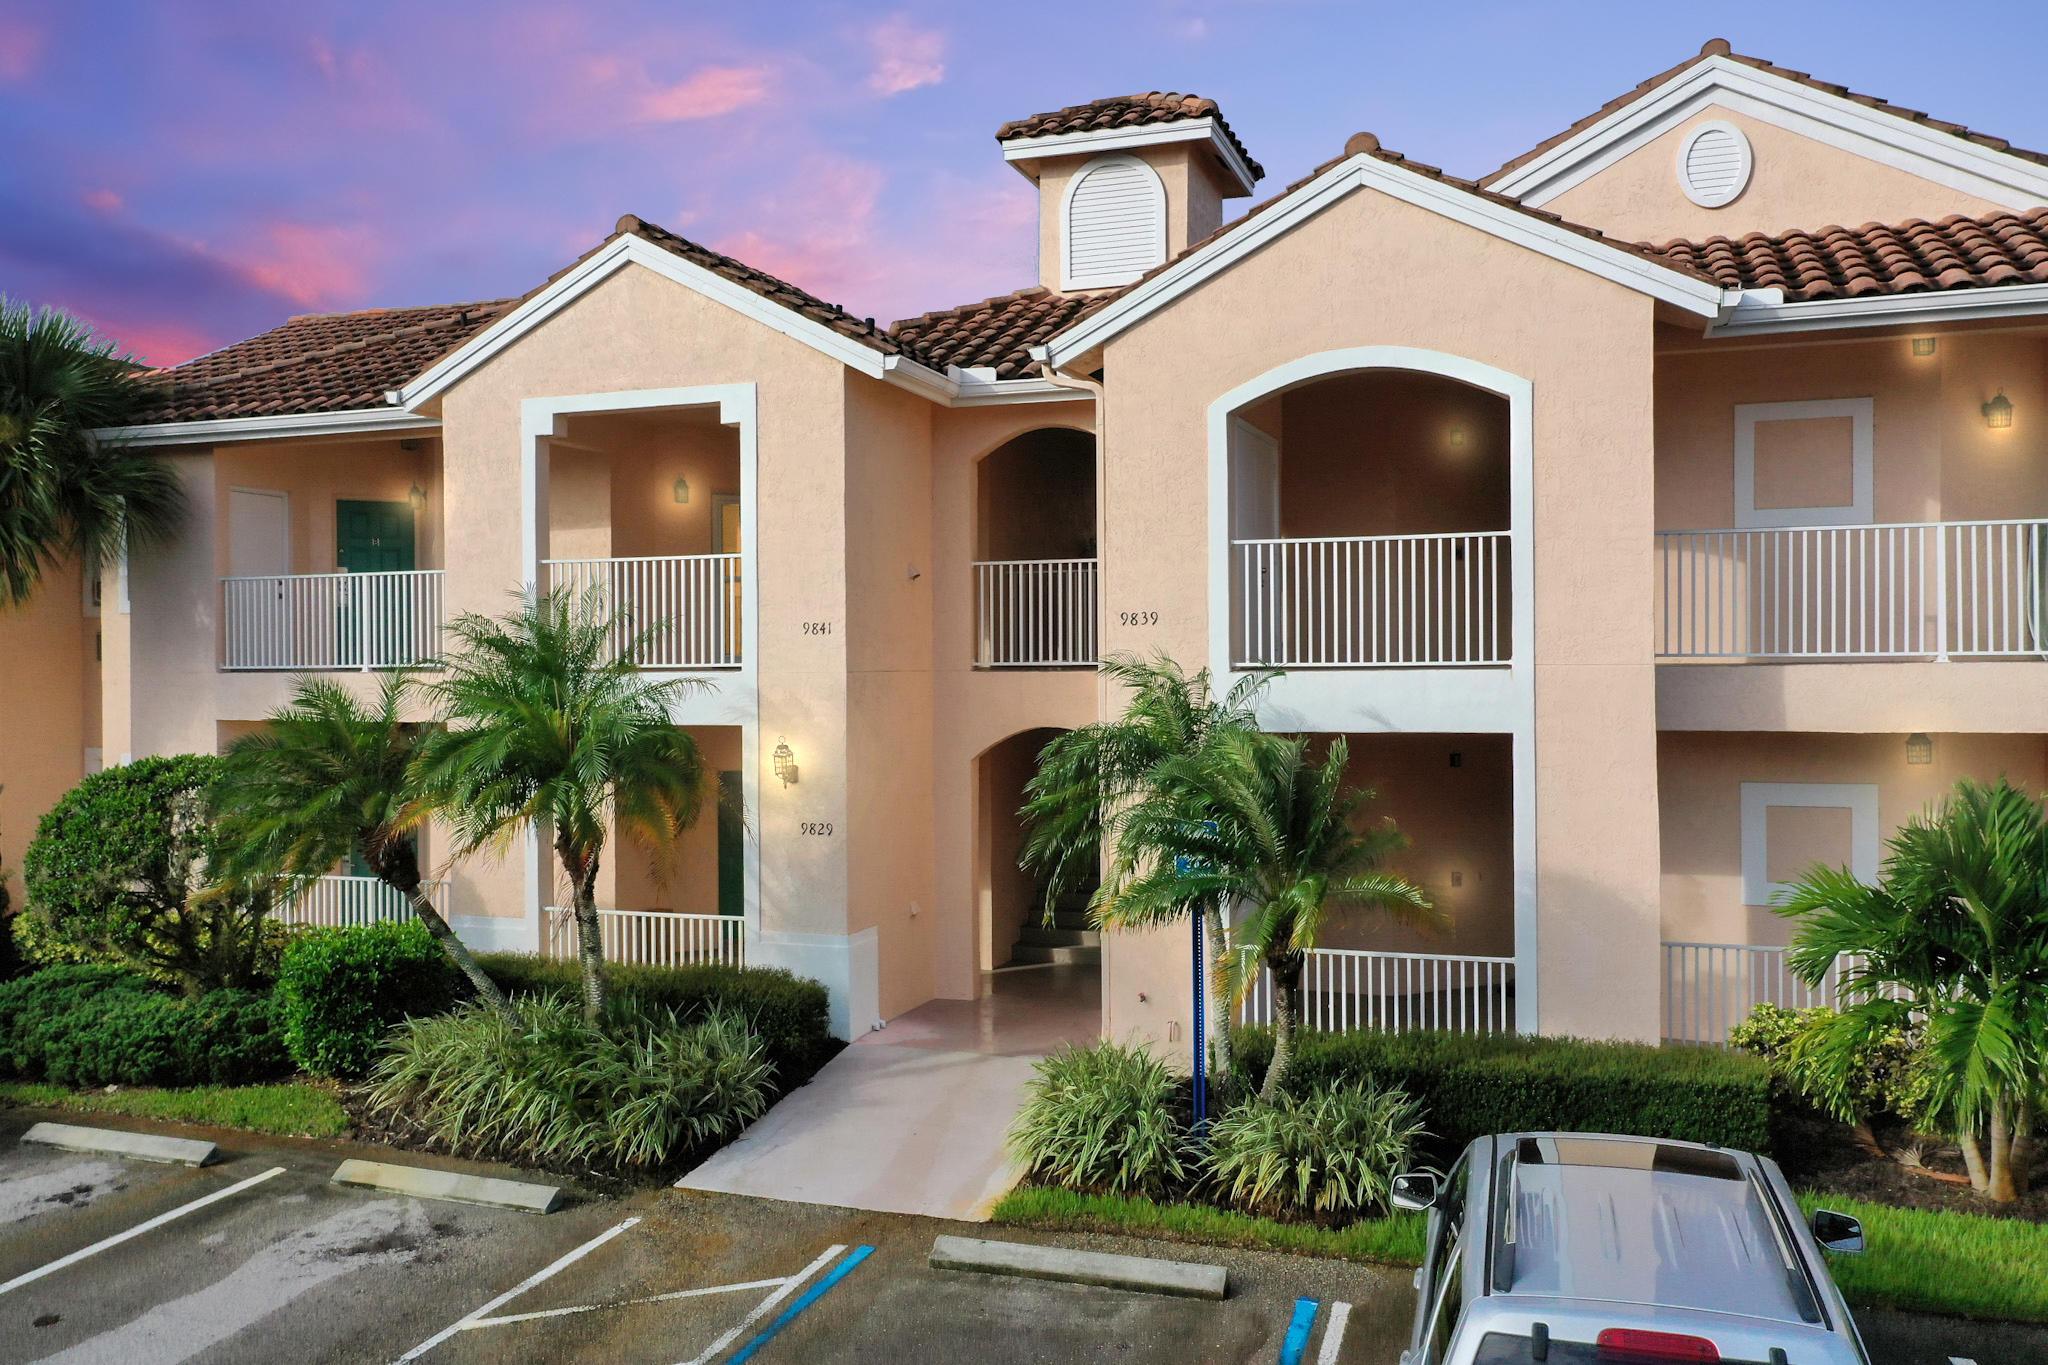 9841 Perfect Drive, Port Saint Lucie, FL 34986